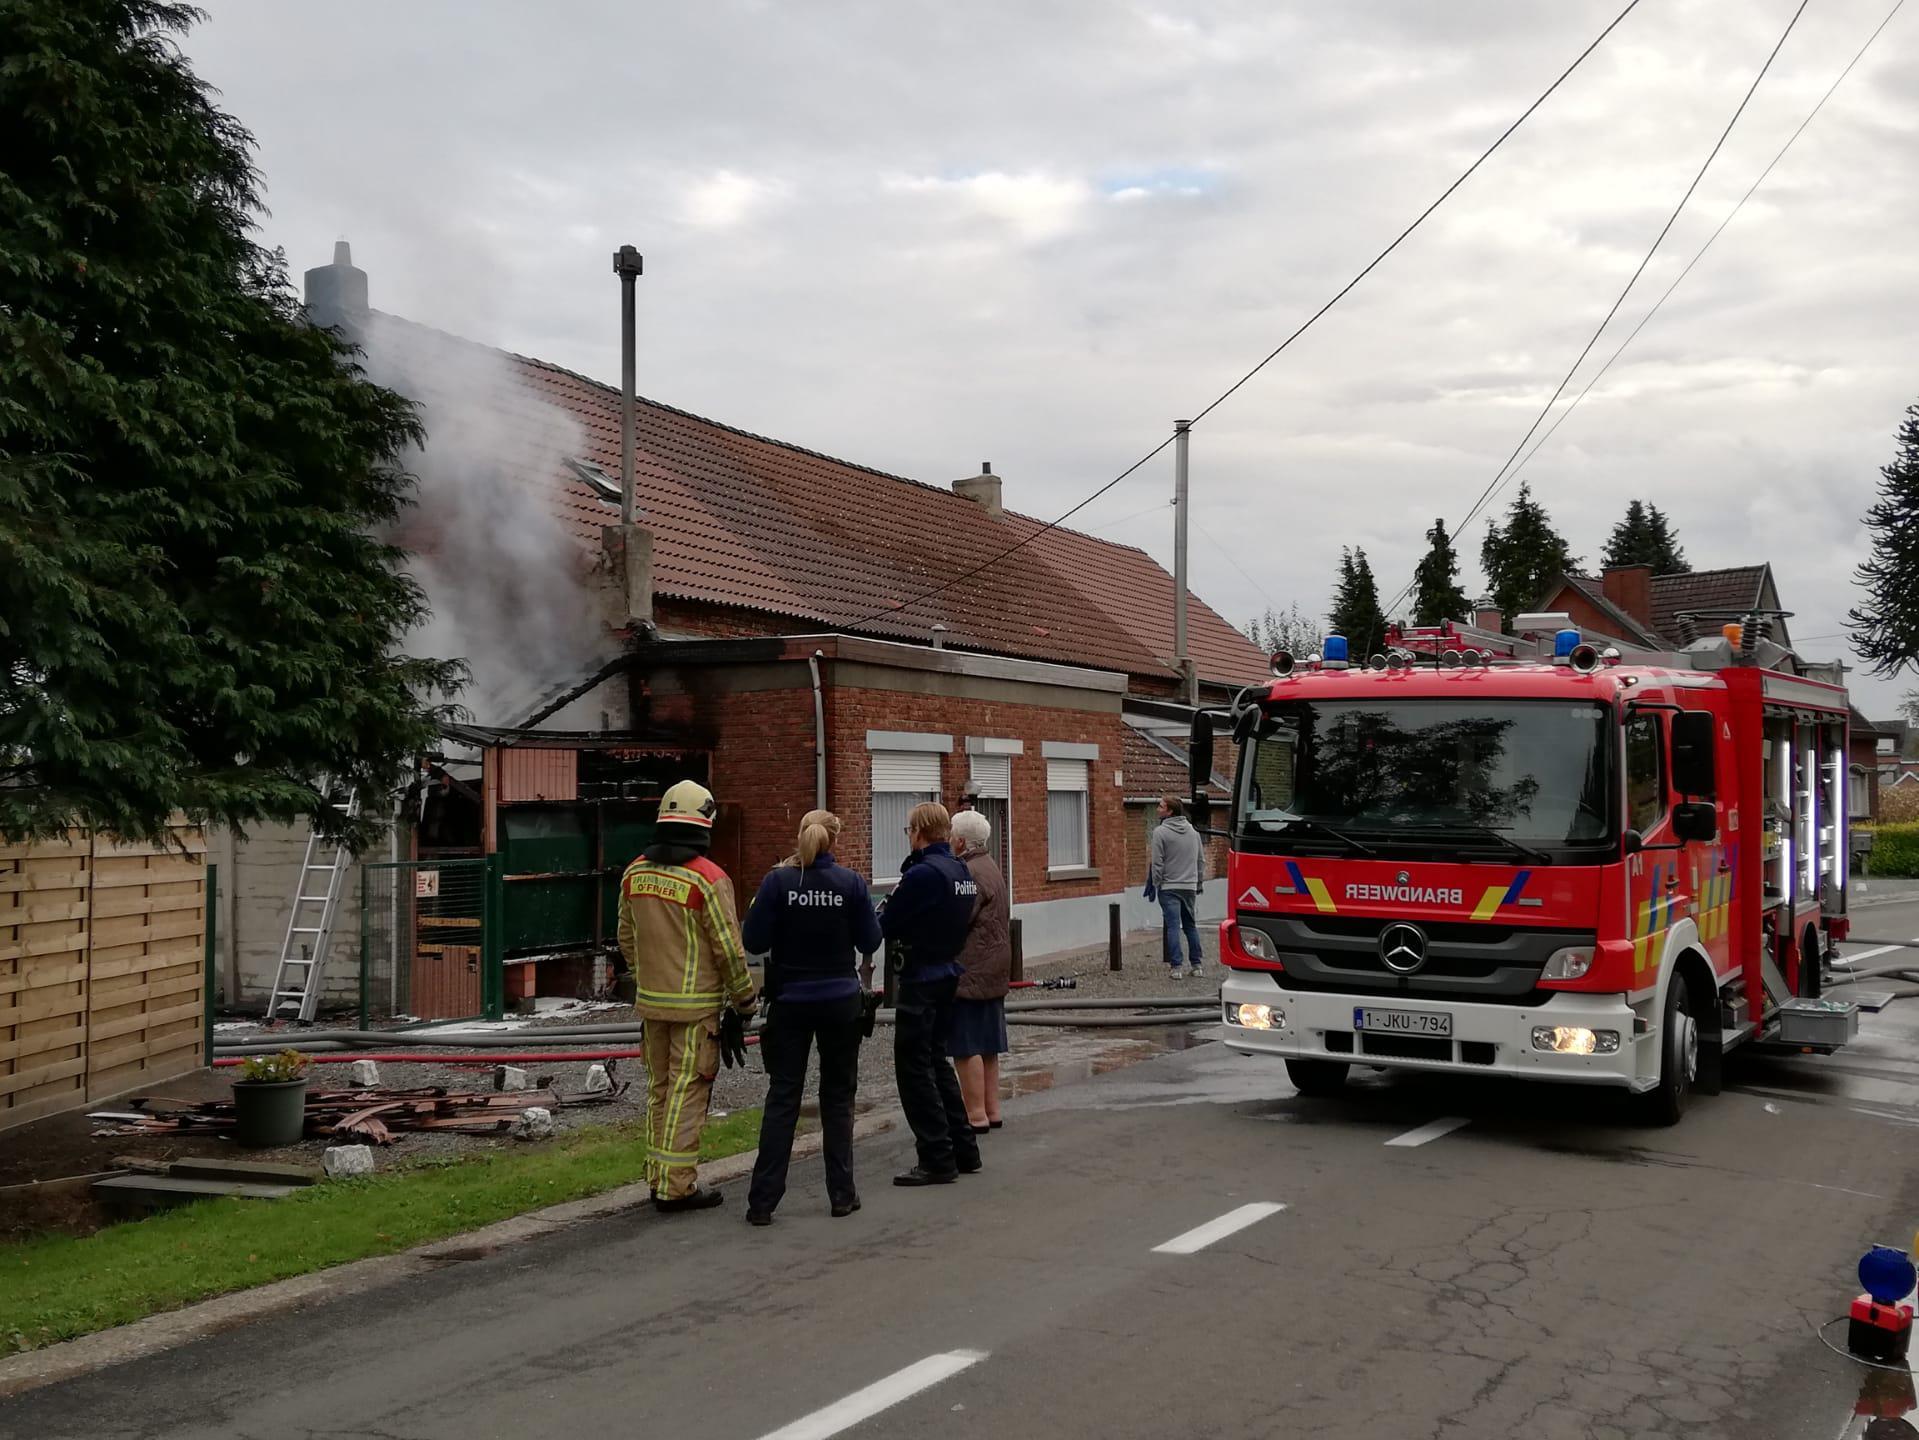 Huishoudtoestel vat vuur: garage brandt uit, maar niemand raakt gewond - Het Nieuwsblad